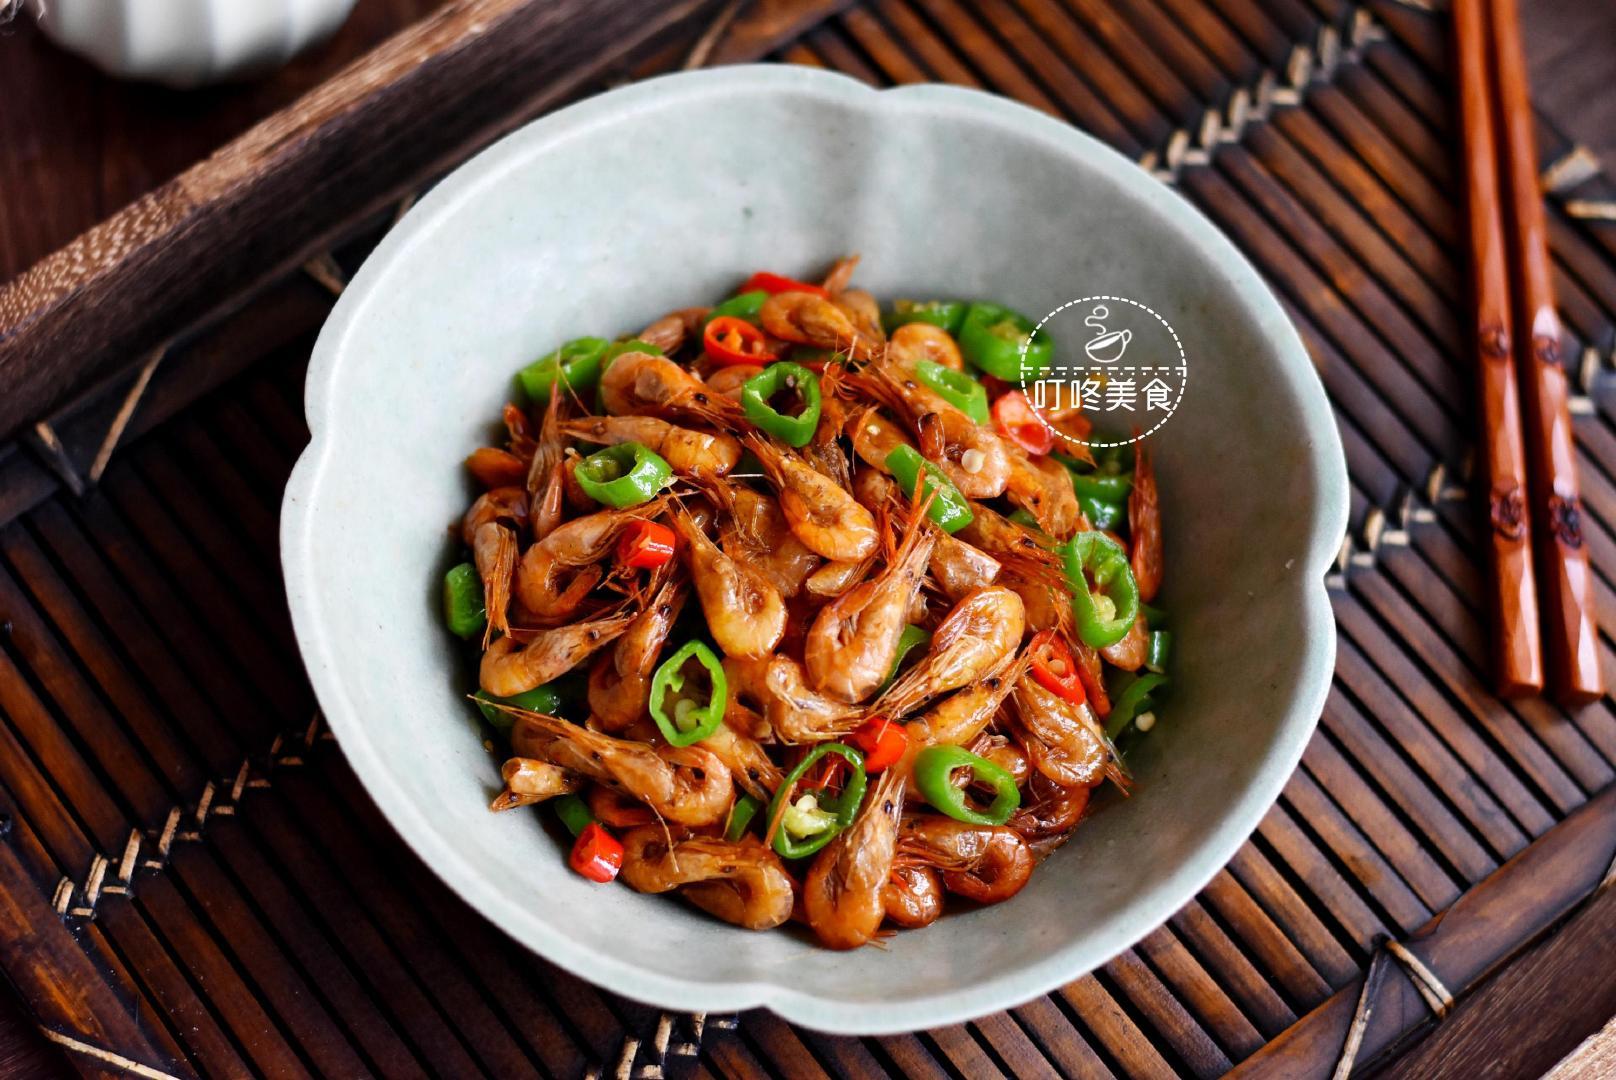 河虾最好吃的做法,简单一炒香死了,学会这做法,三斤都不够吃!